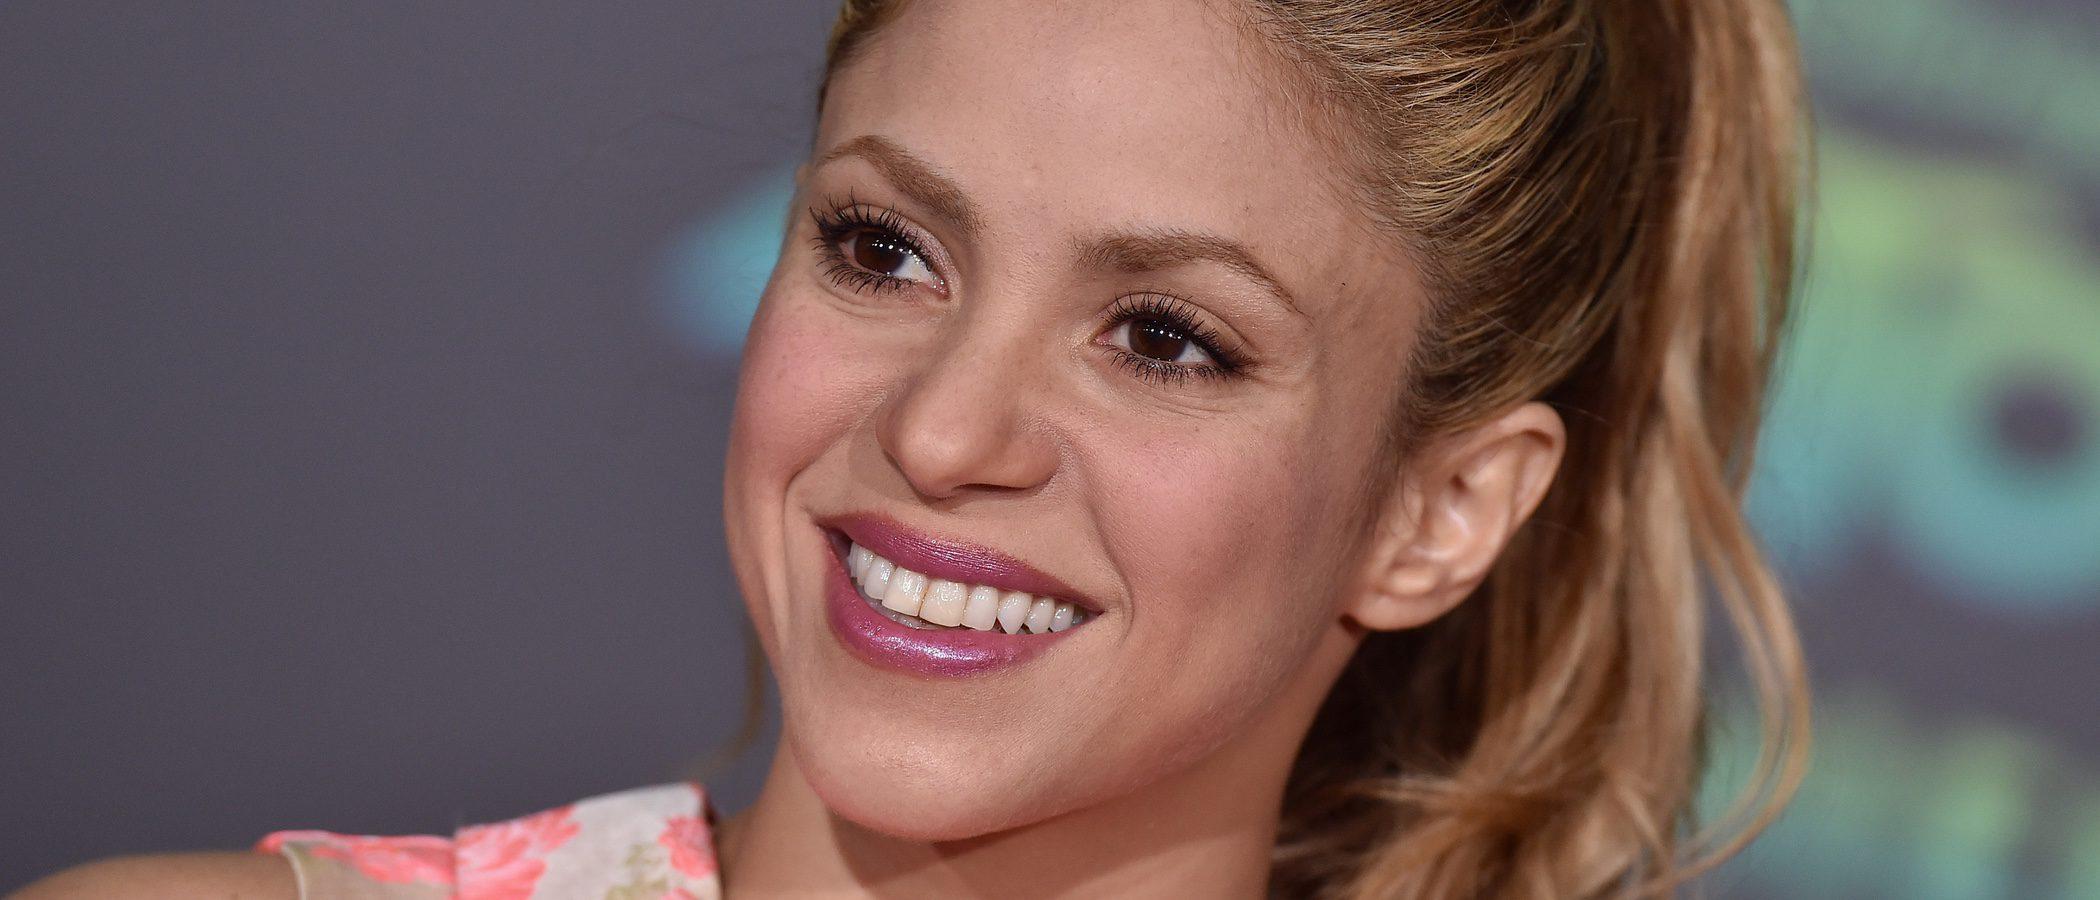 Las colecciones 'S' y 'Rock' de Shakira contarán cada una con un nuevo perfume